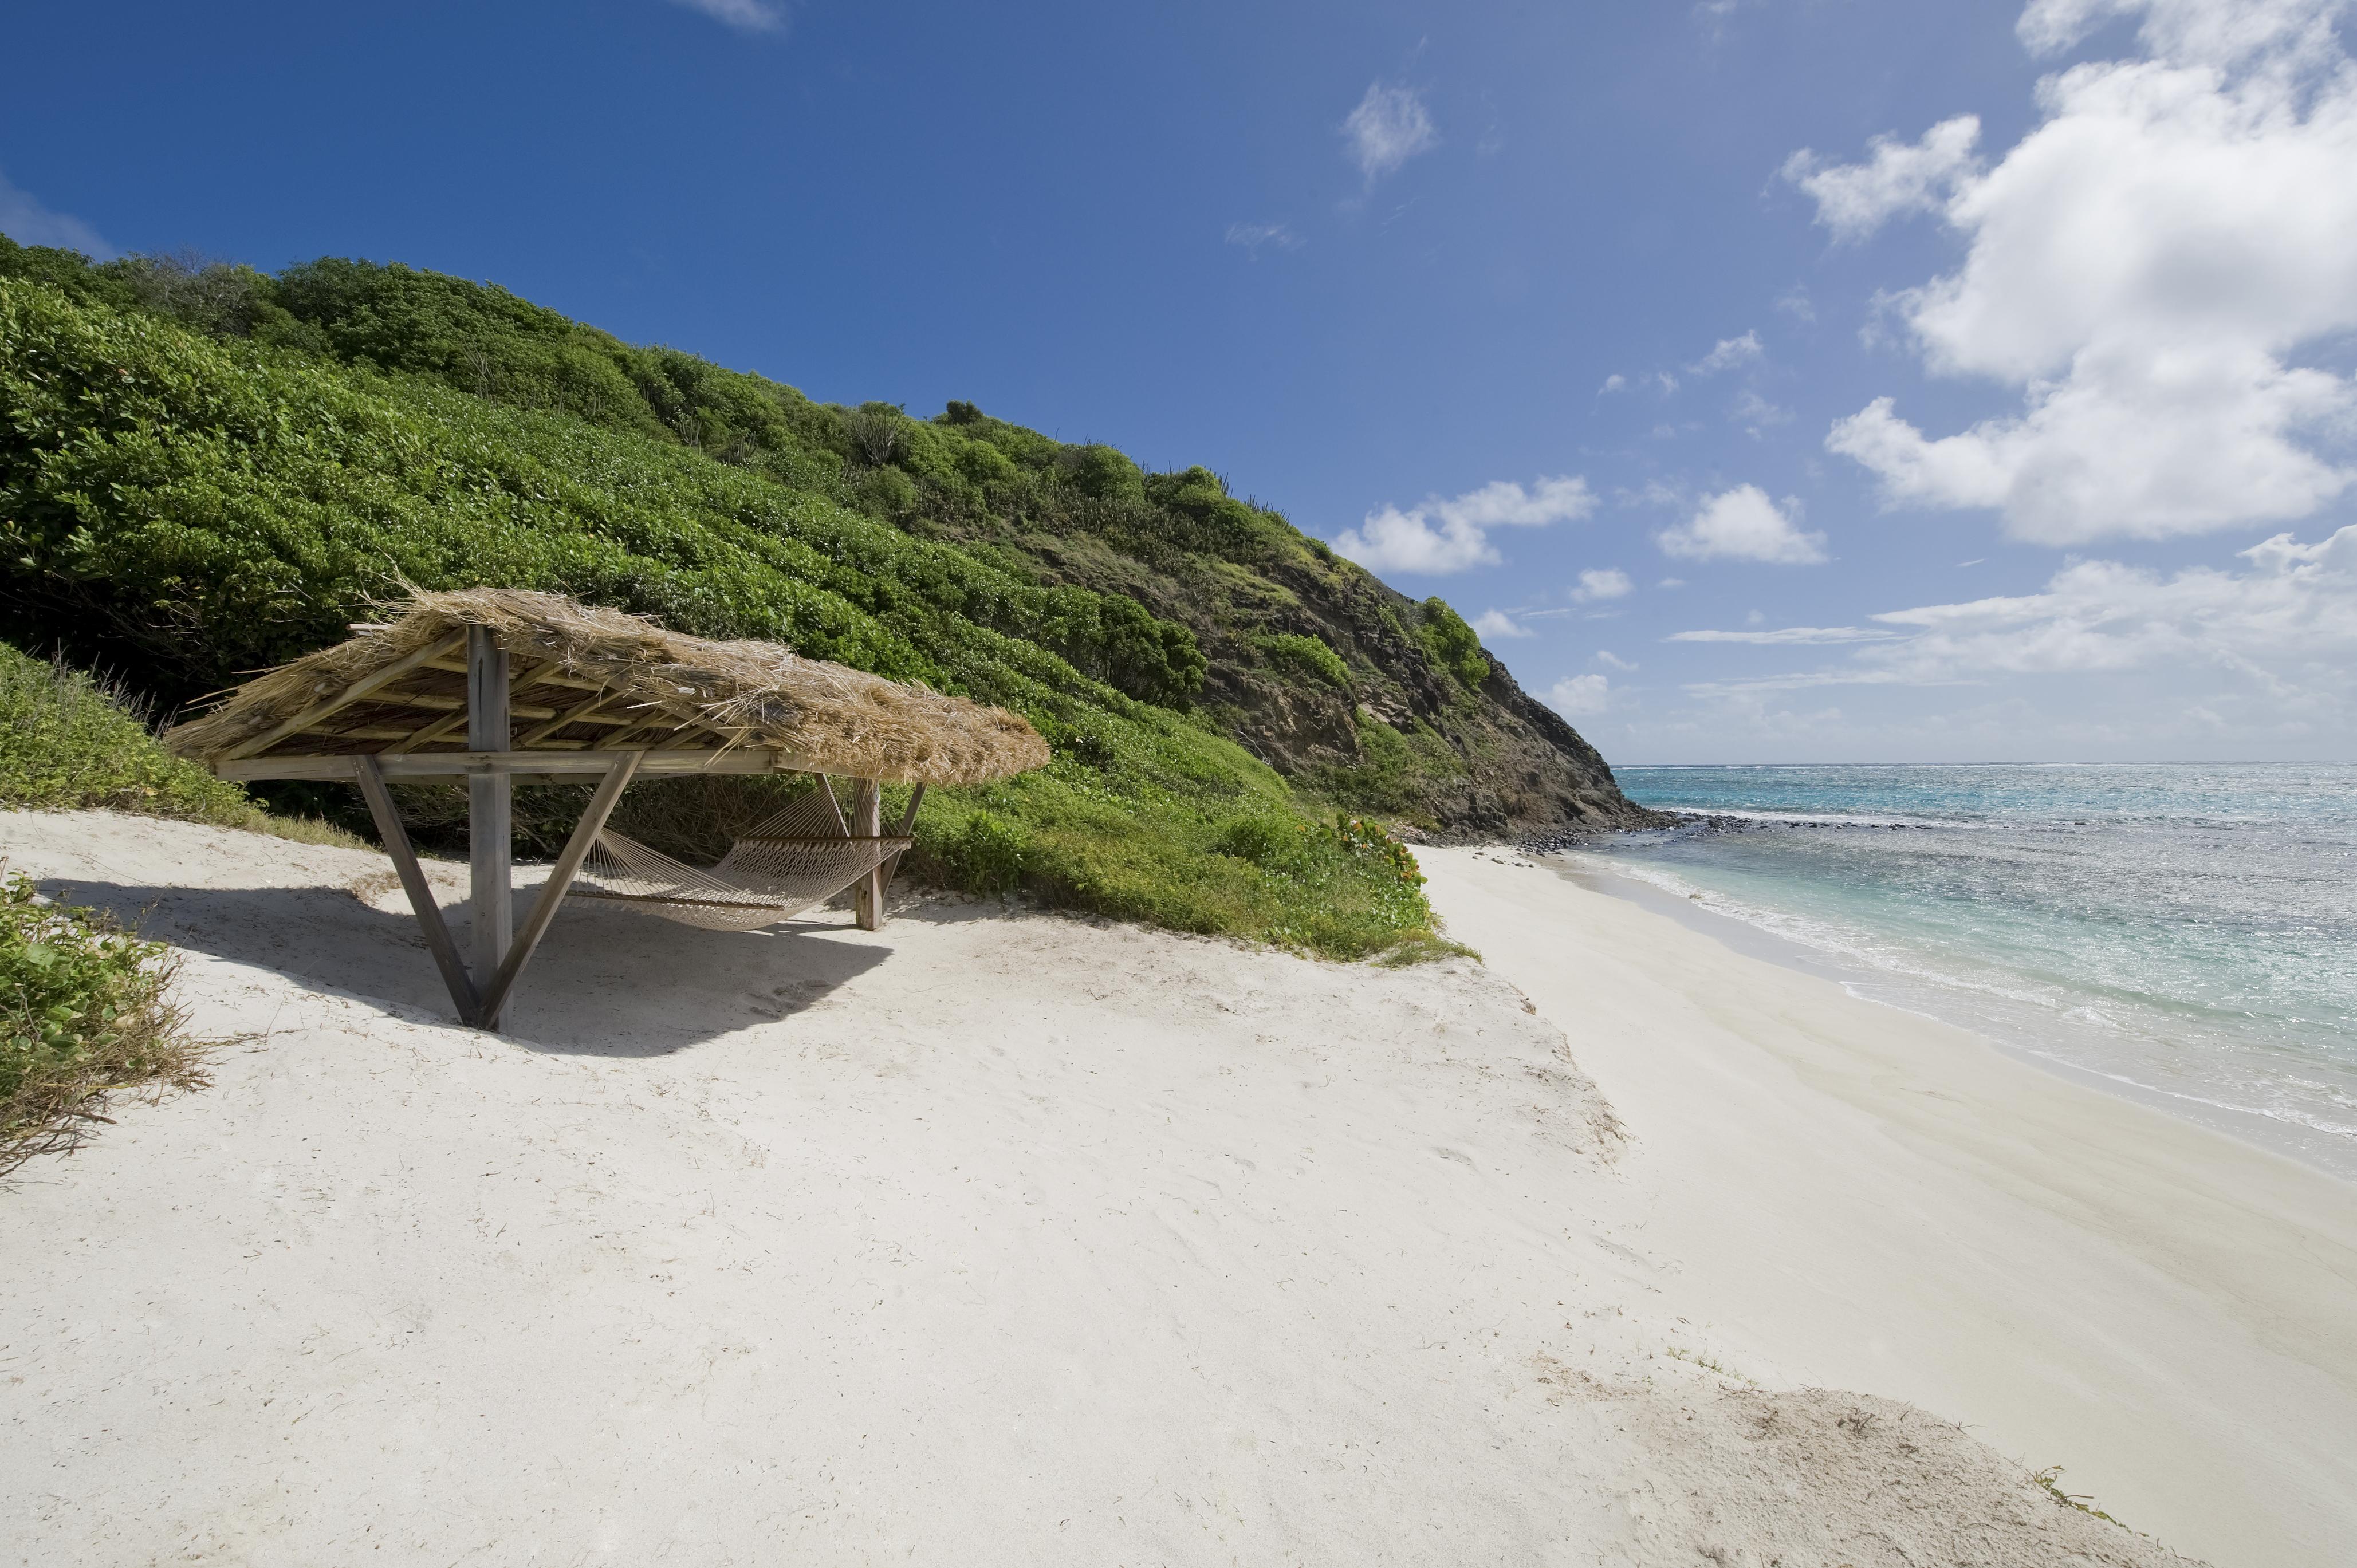 petit-st-vincent-beach-shack